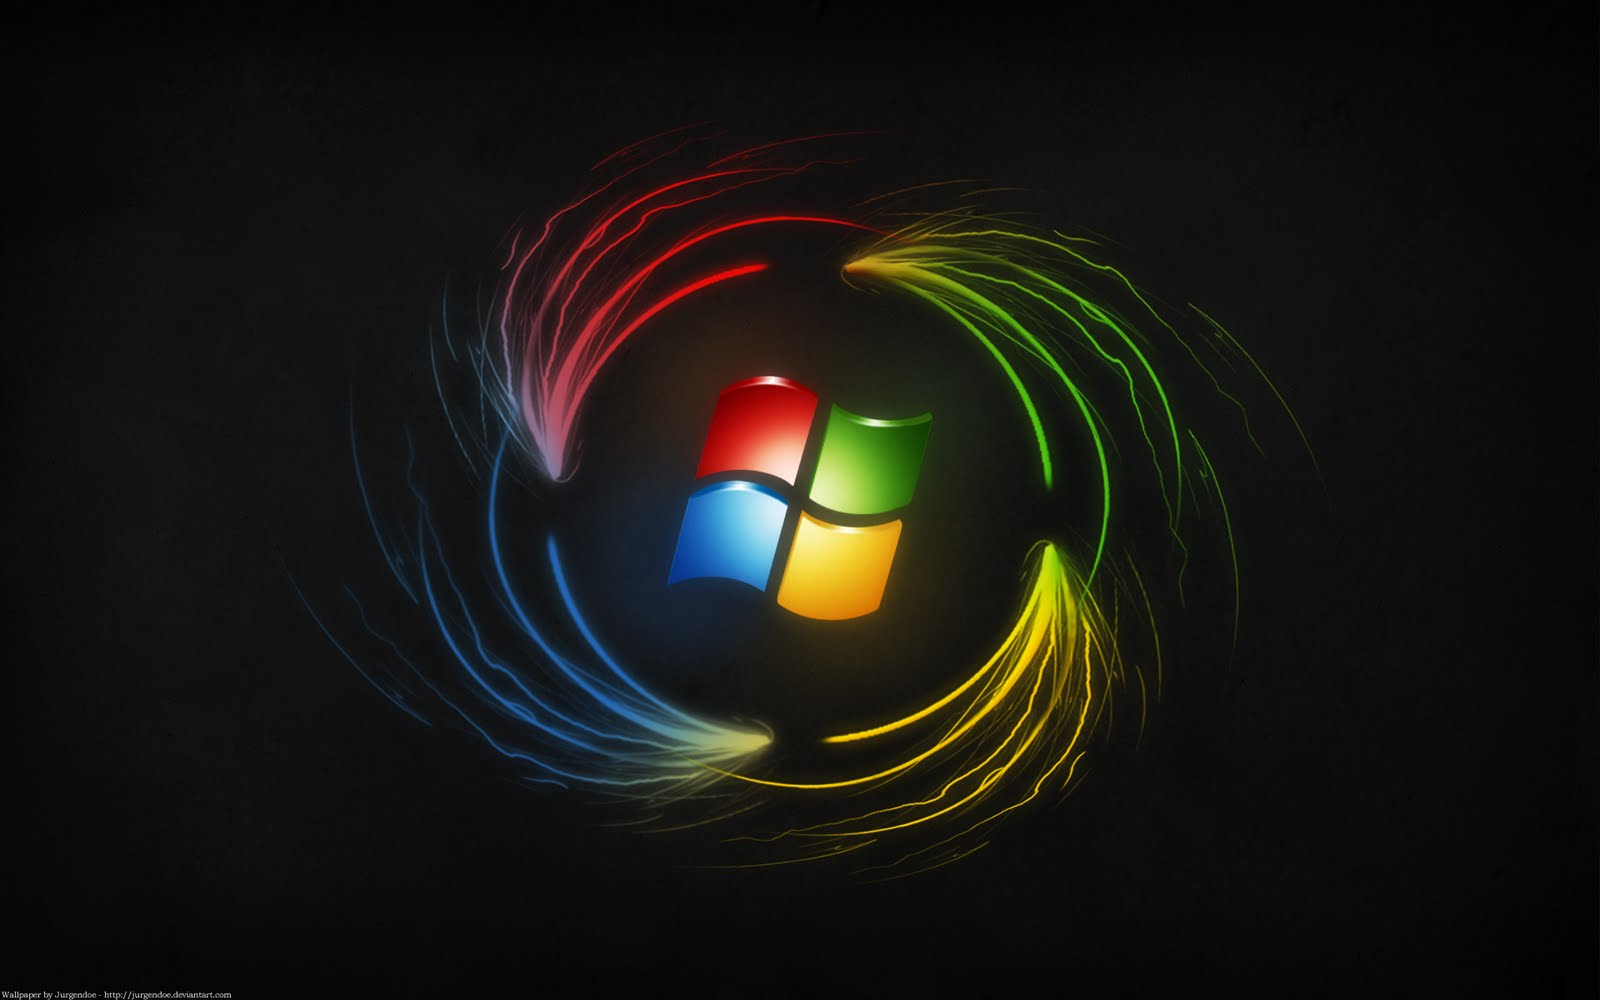 http://1.bp.blogspot.com/-VaTr0MvkYuI/T7joj7hYdnI/AAAAAAAAD7k/OGshgSgrmeQ/s1600/wHD7+-+win8.jpg